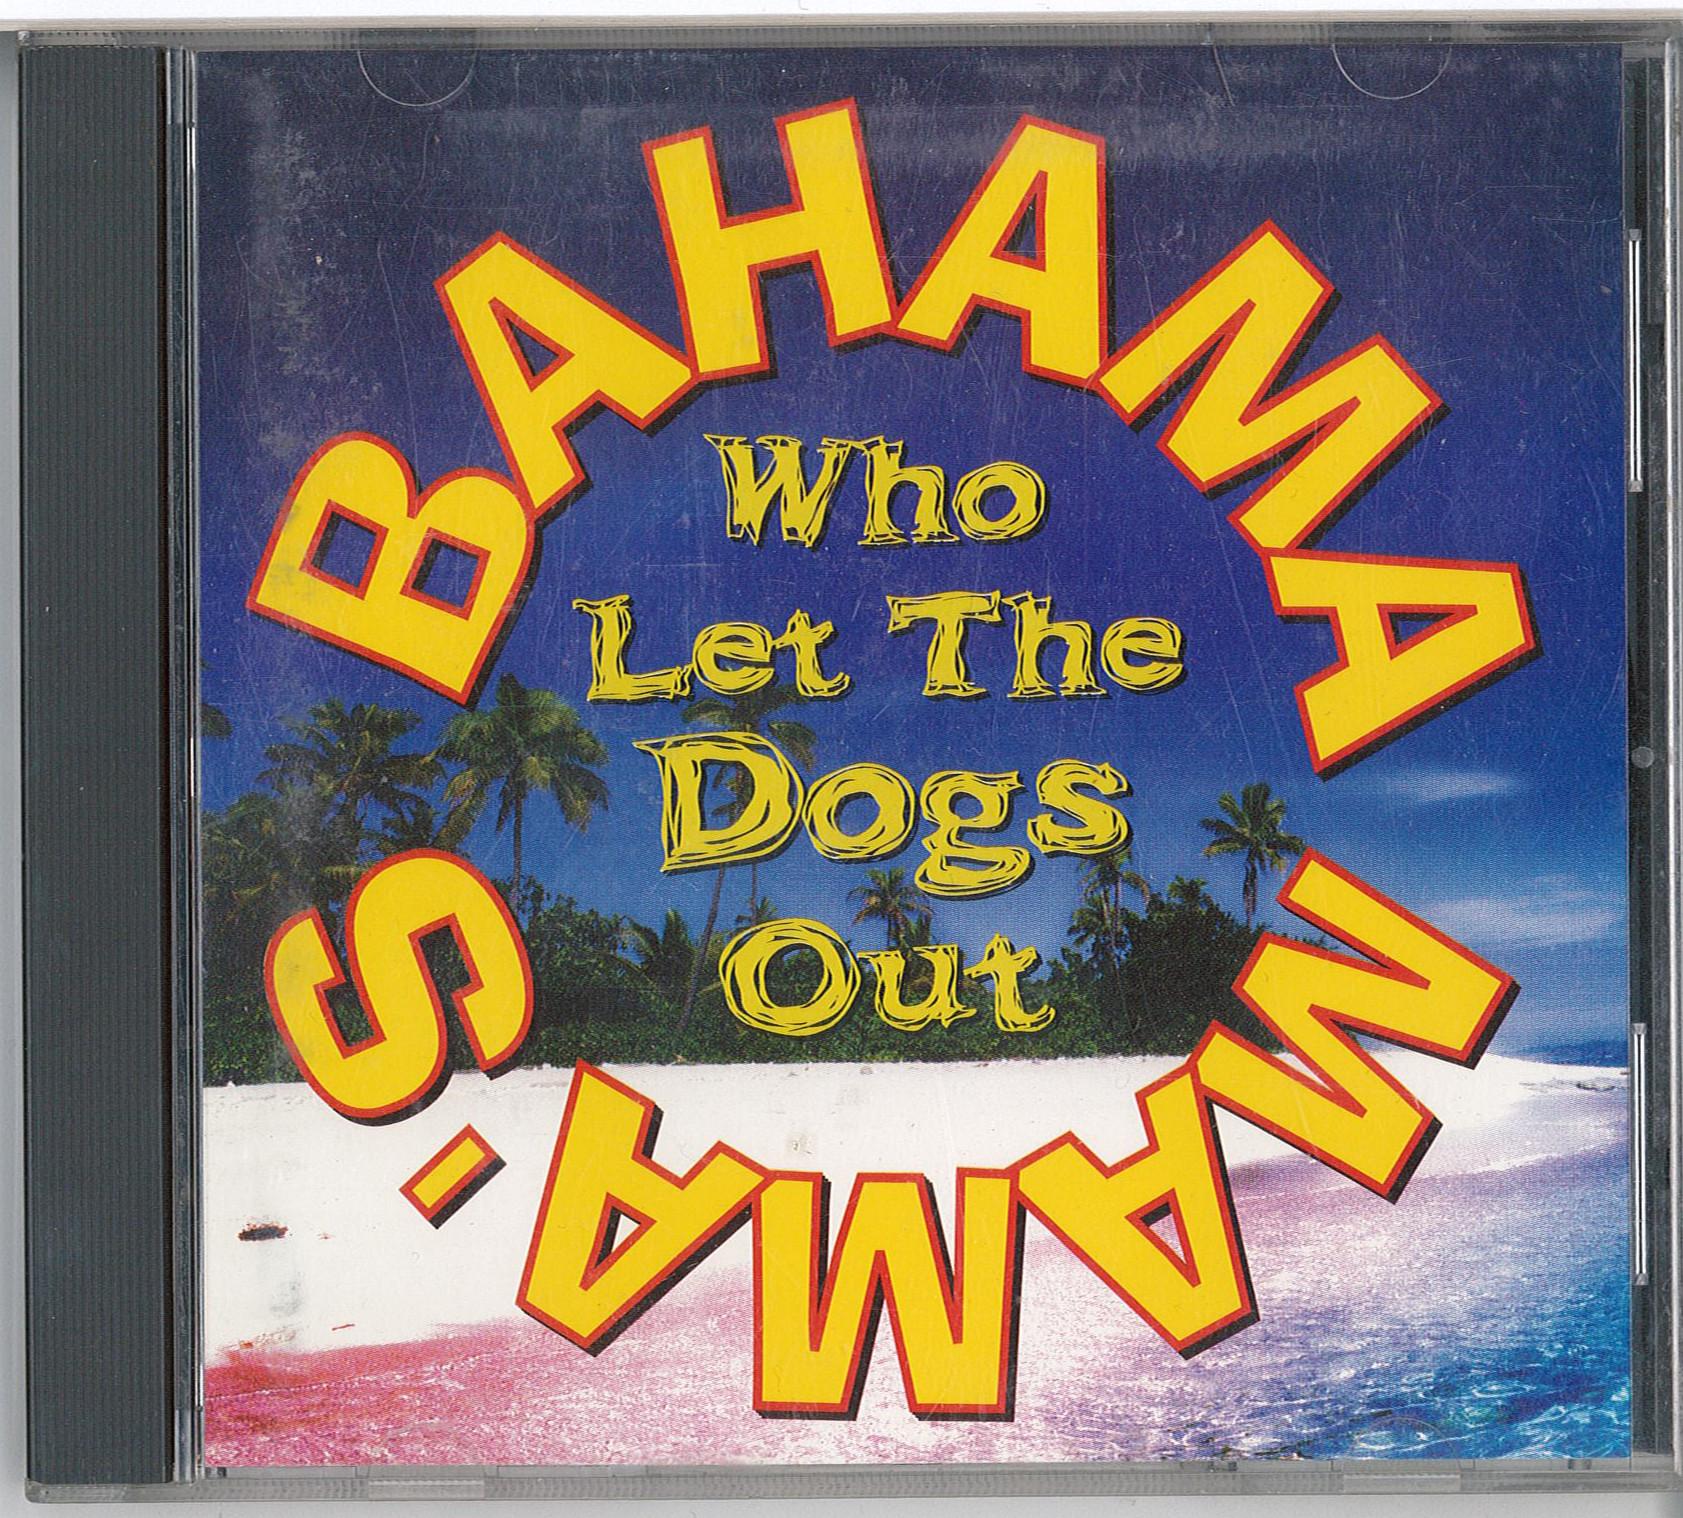 WLWLTDOO-XXXX-CD-BAHAMA-MAMAS-WLTDO-FRONT.jpg